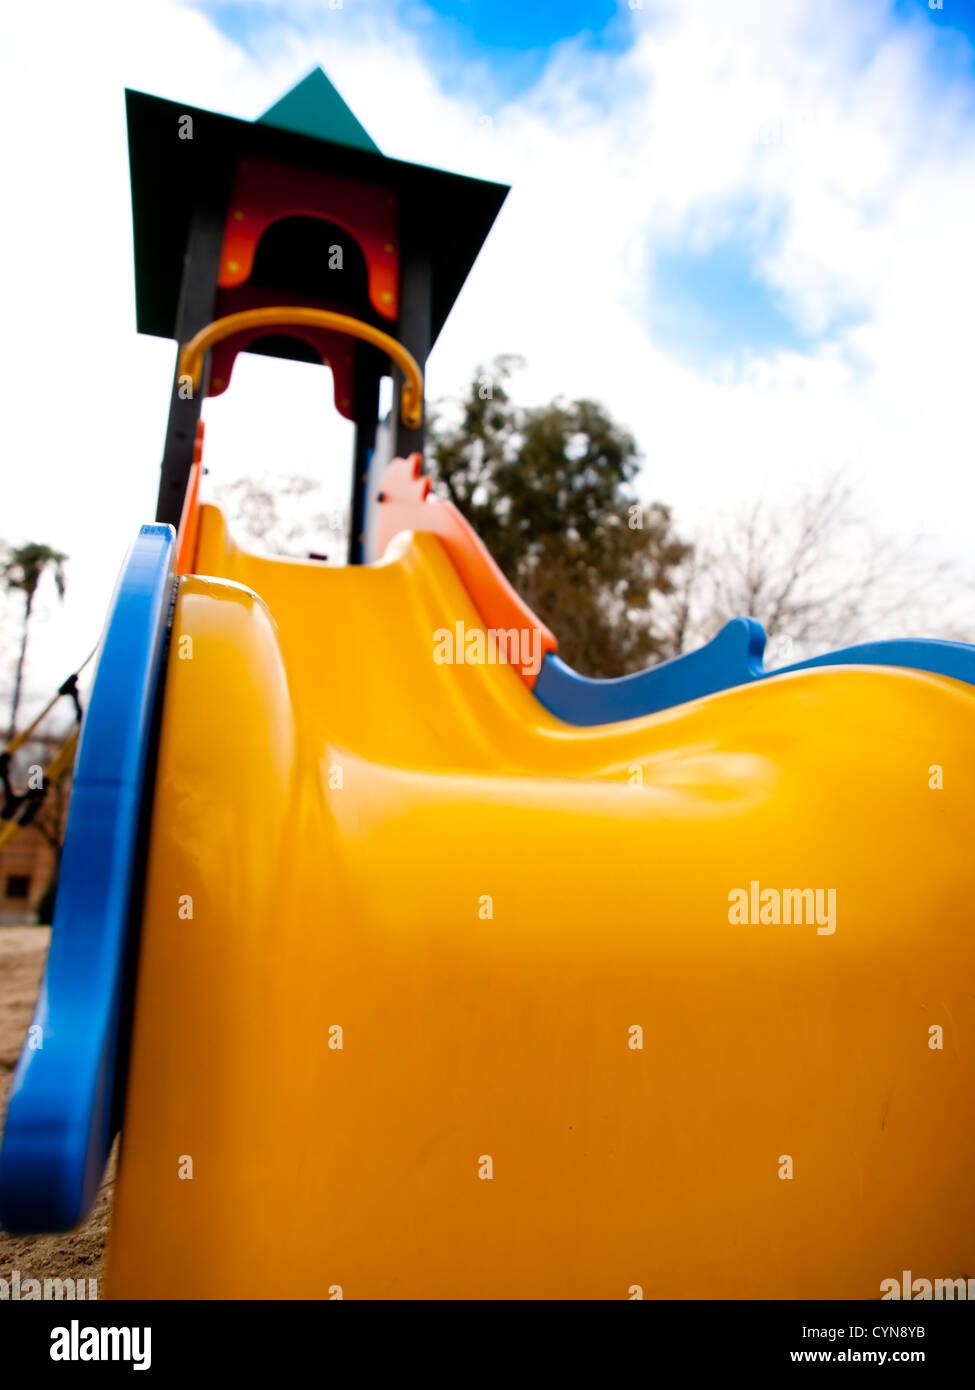 Une diapositive dans un parc sans personnes Photo Stock